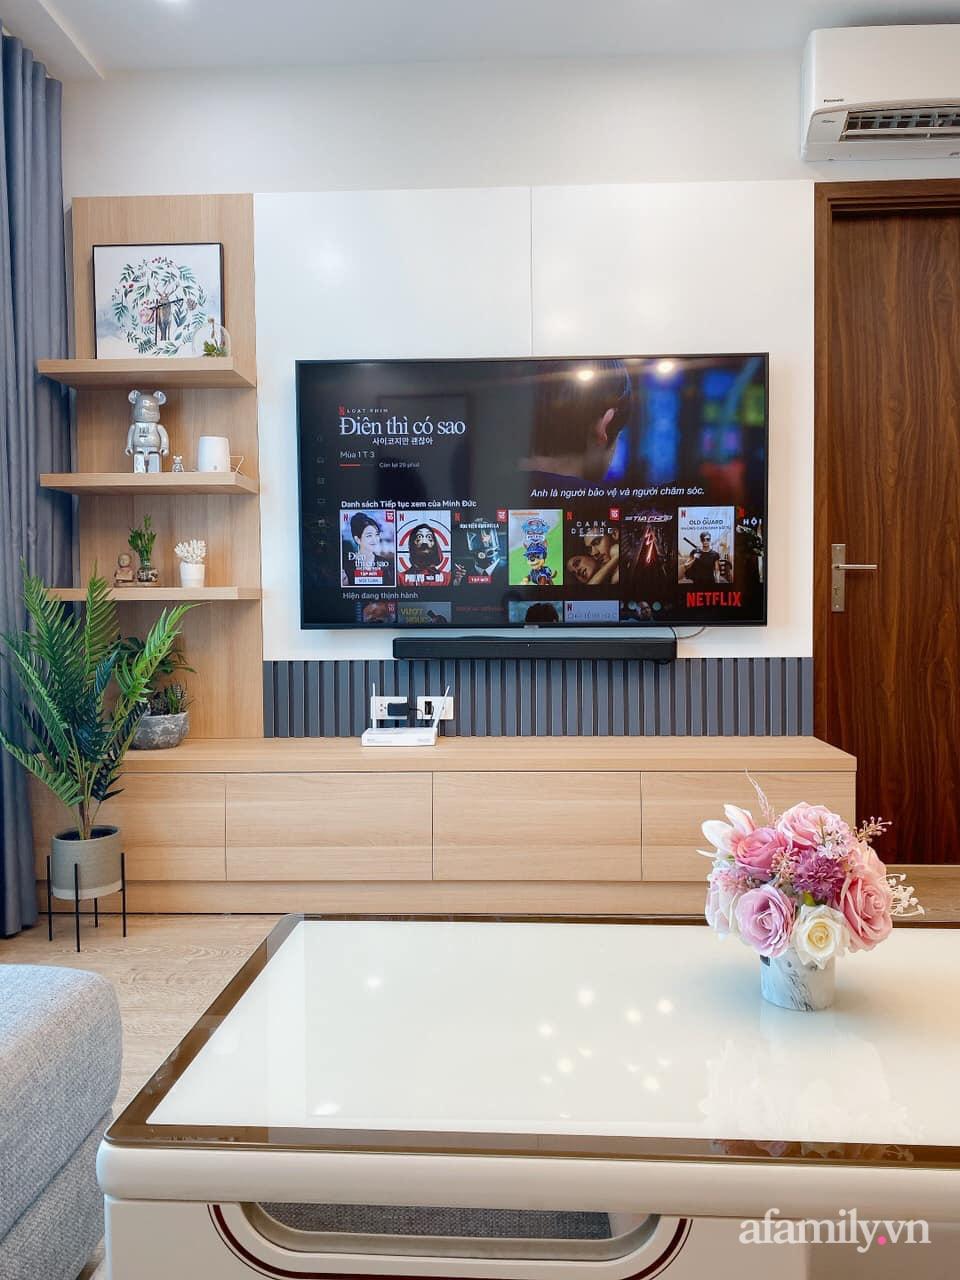 Căn hộ 92m² đong đầy hạnh phúc với nội thất đơn giản, hiện đại của vợ chồng trẻ Hà Nội - Ảnh 8.